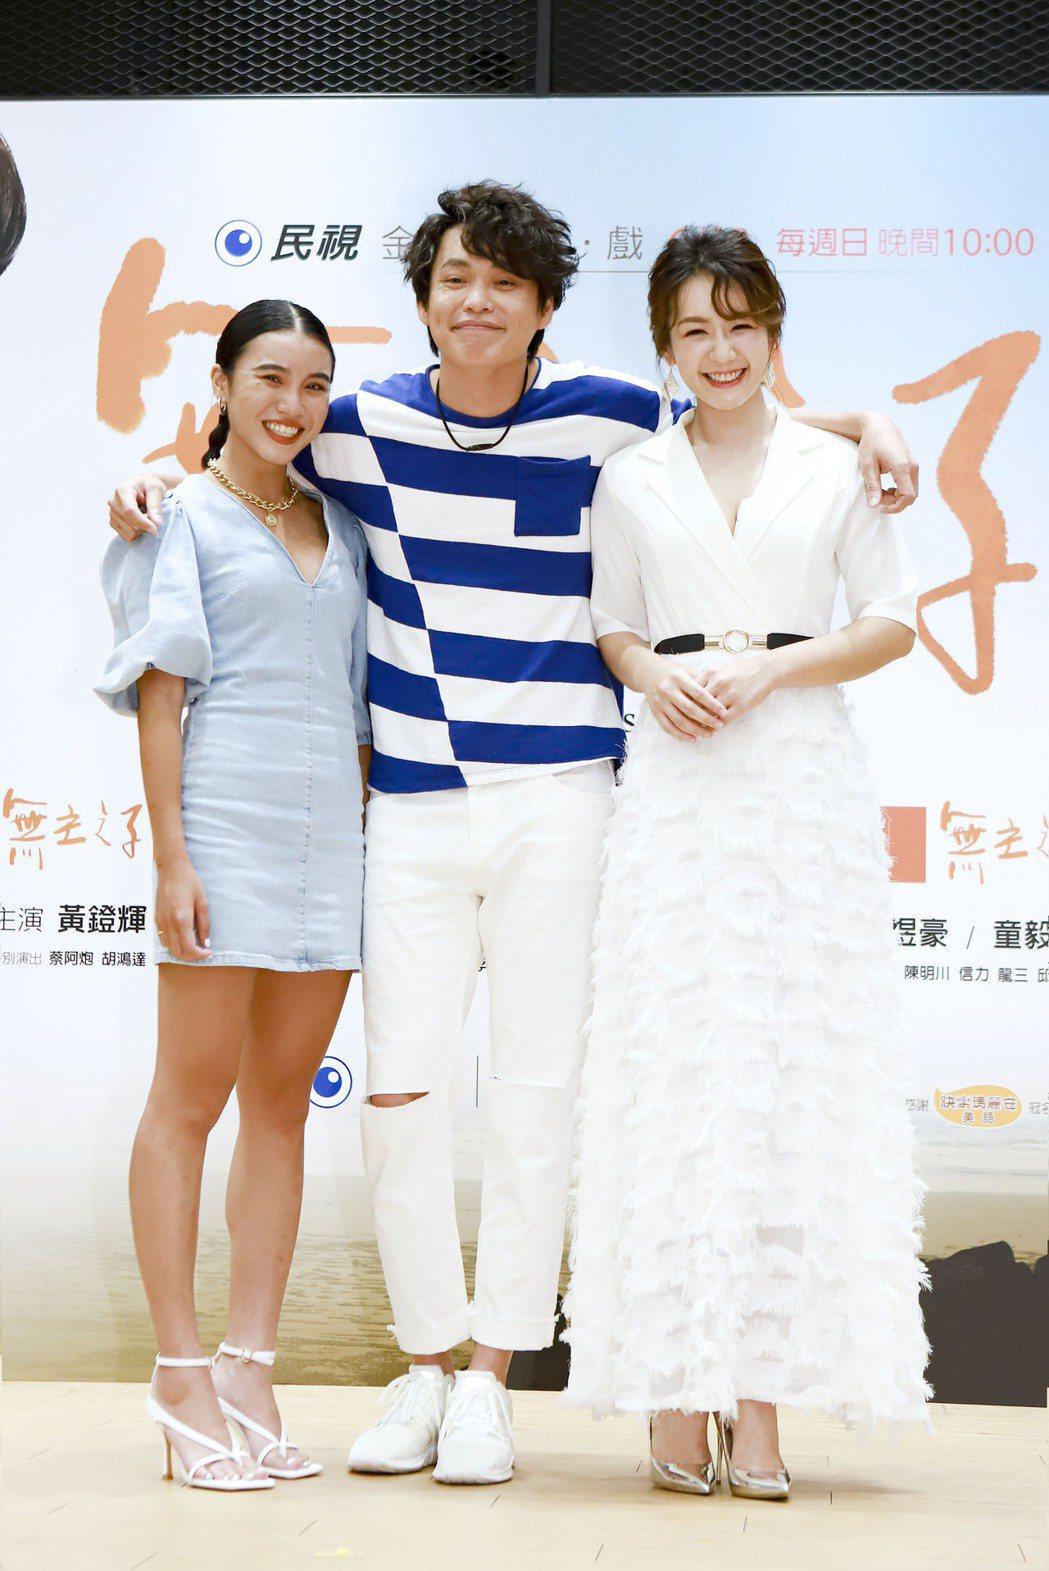 黃鐙輝在「無主之子」中李又汝(右)、郭雅茹是他台灣、越南老婆。圖/民視提供